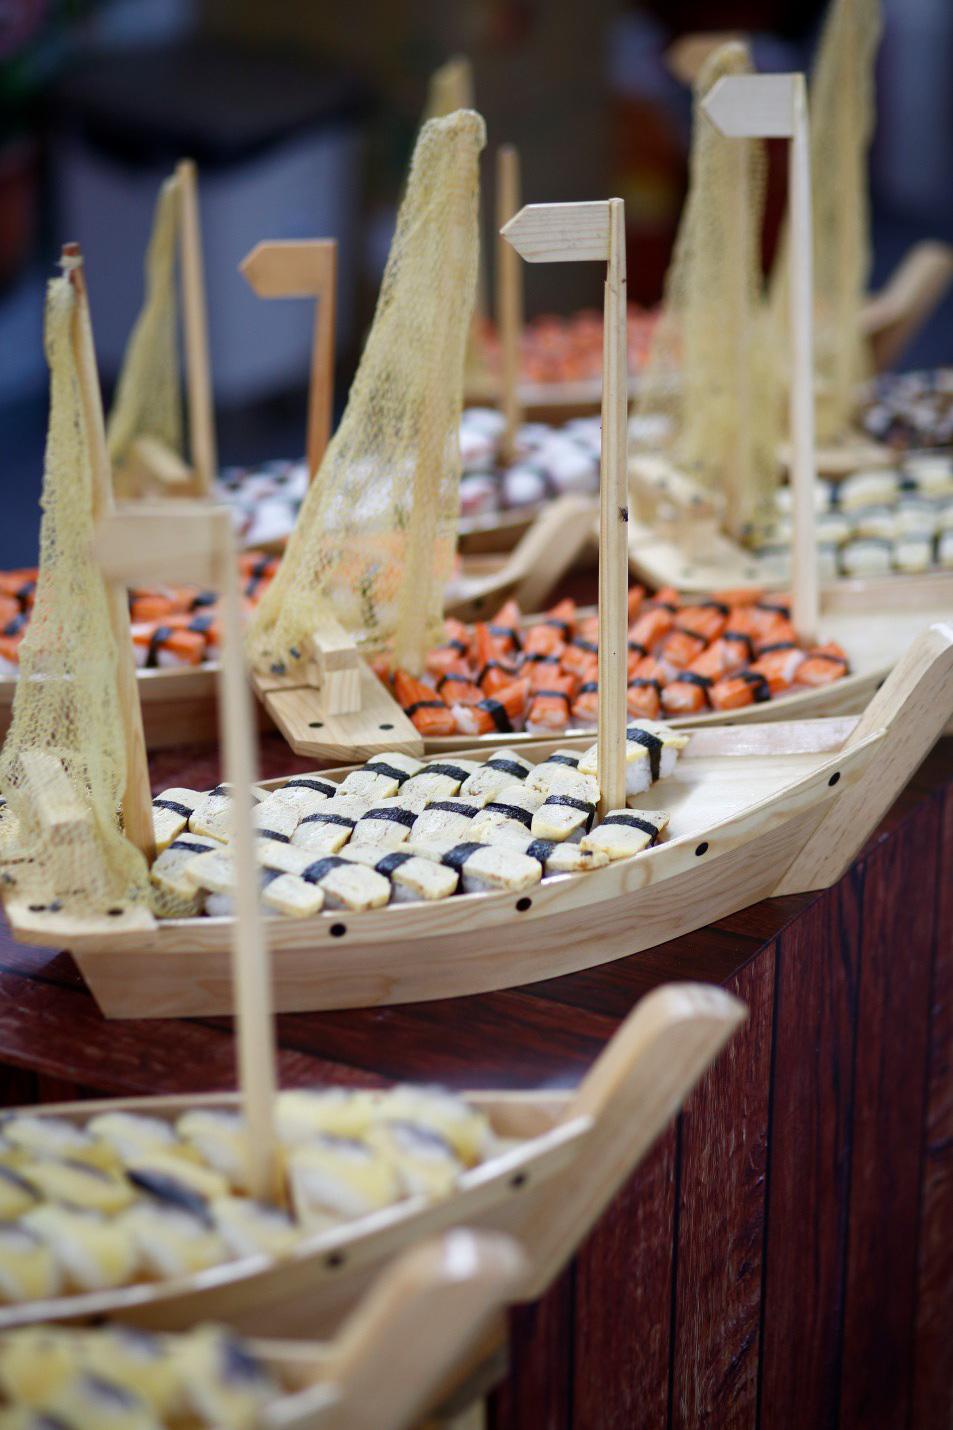 Hàng trăm tín đồ ẩm thực Việt thỏa mãn hết nấc vì được đắm mình trong thiên đường của ngon vật lạ! - Ảnh 3.